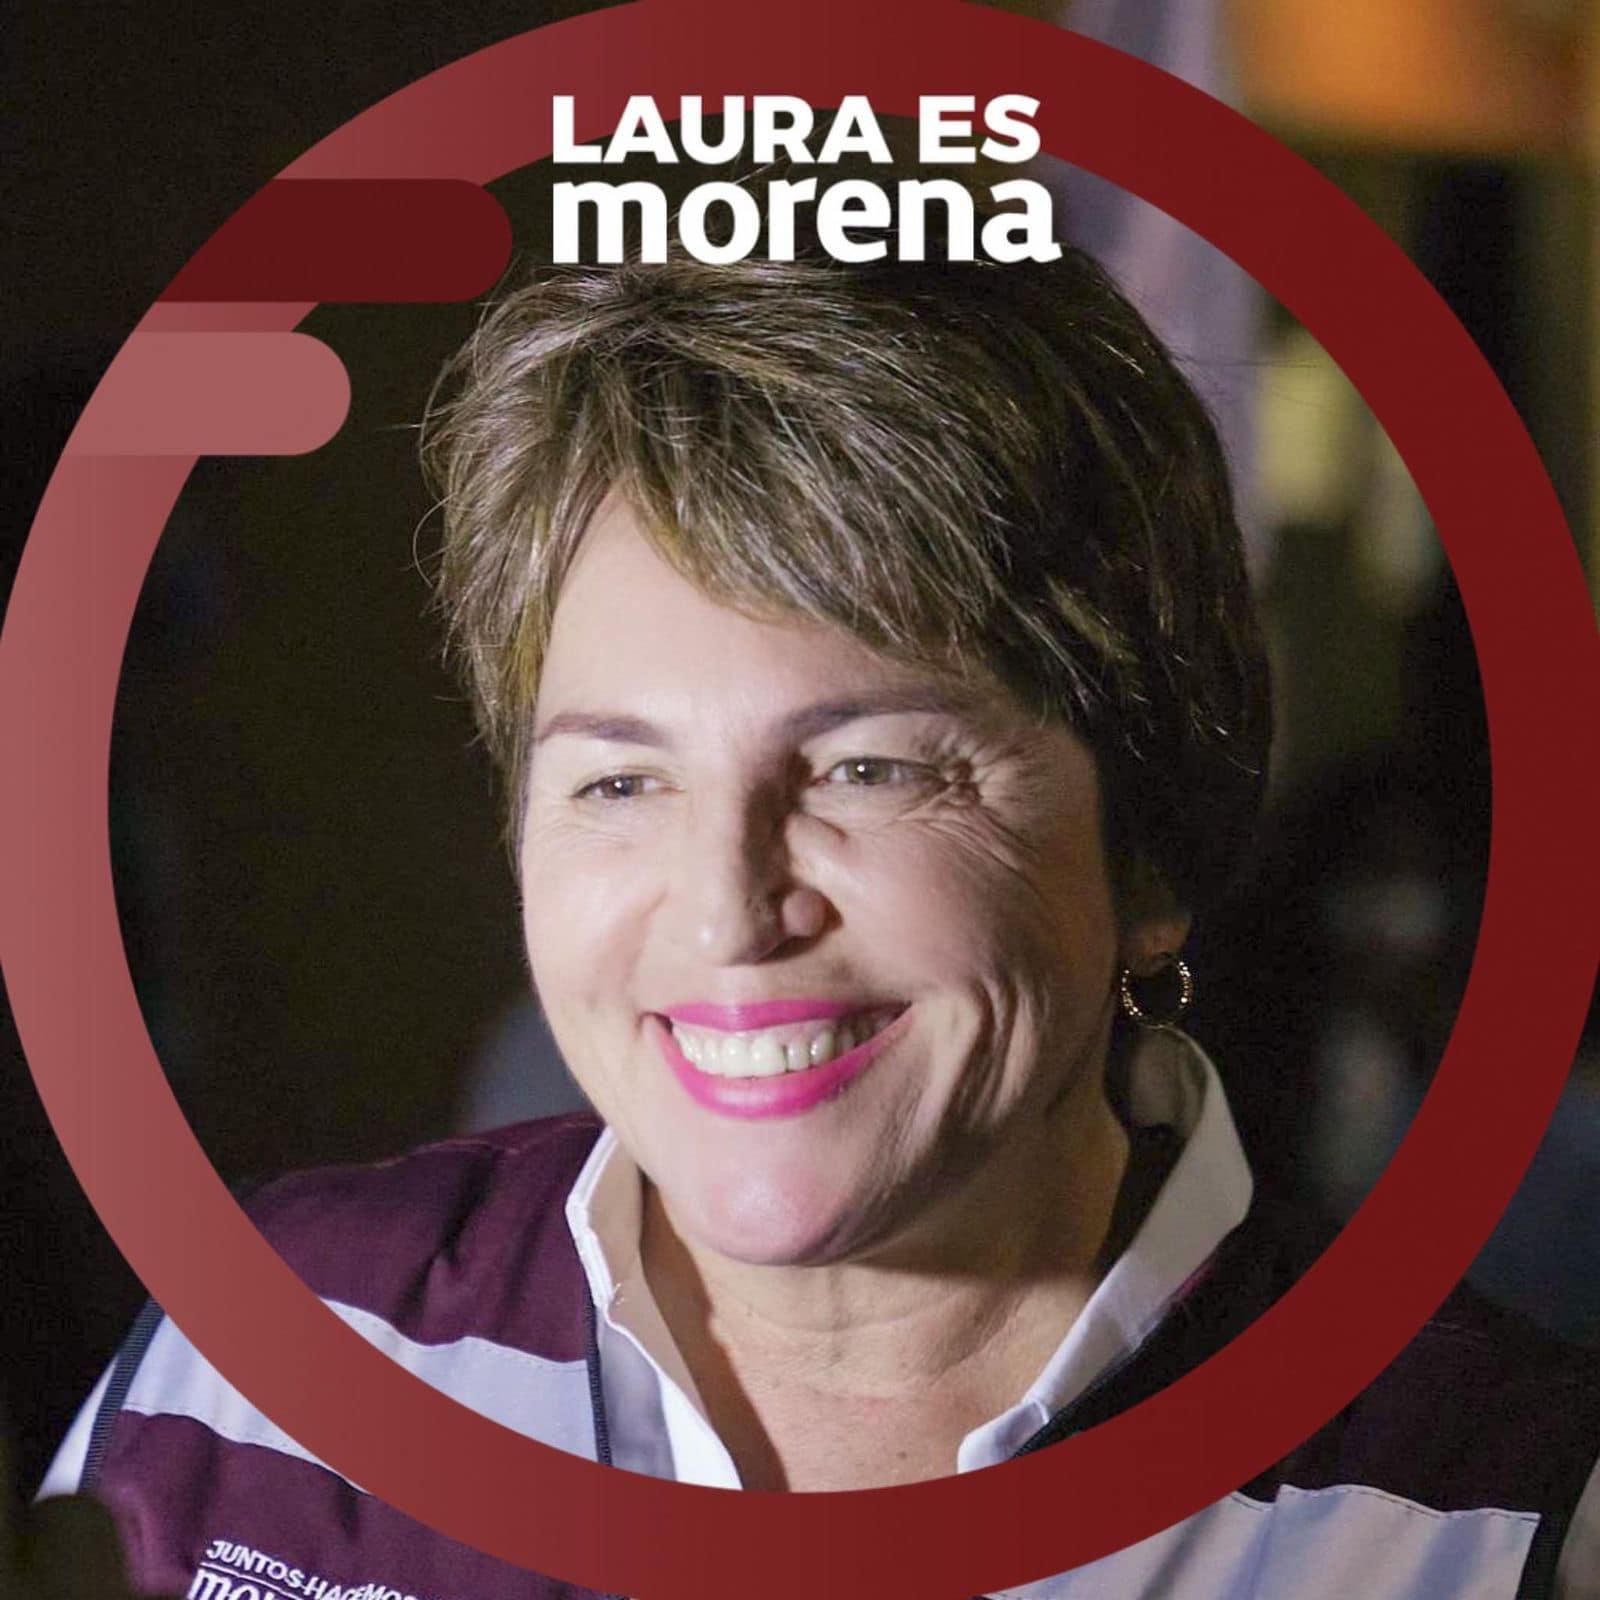 LAURA ES MORENA